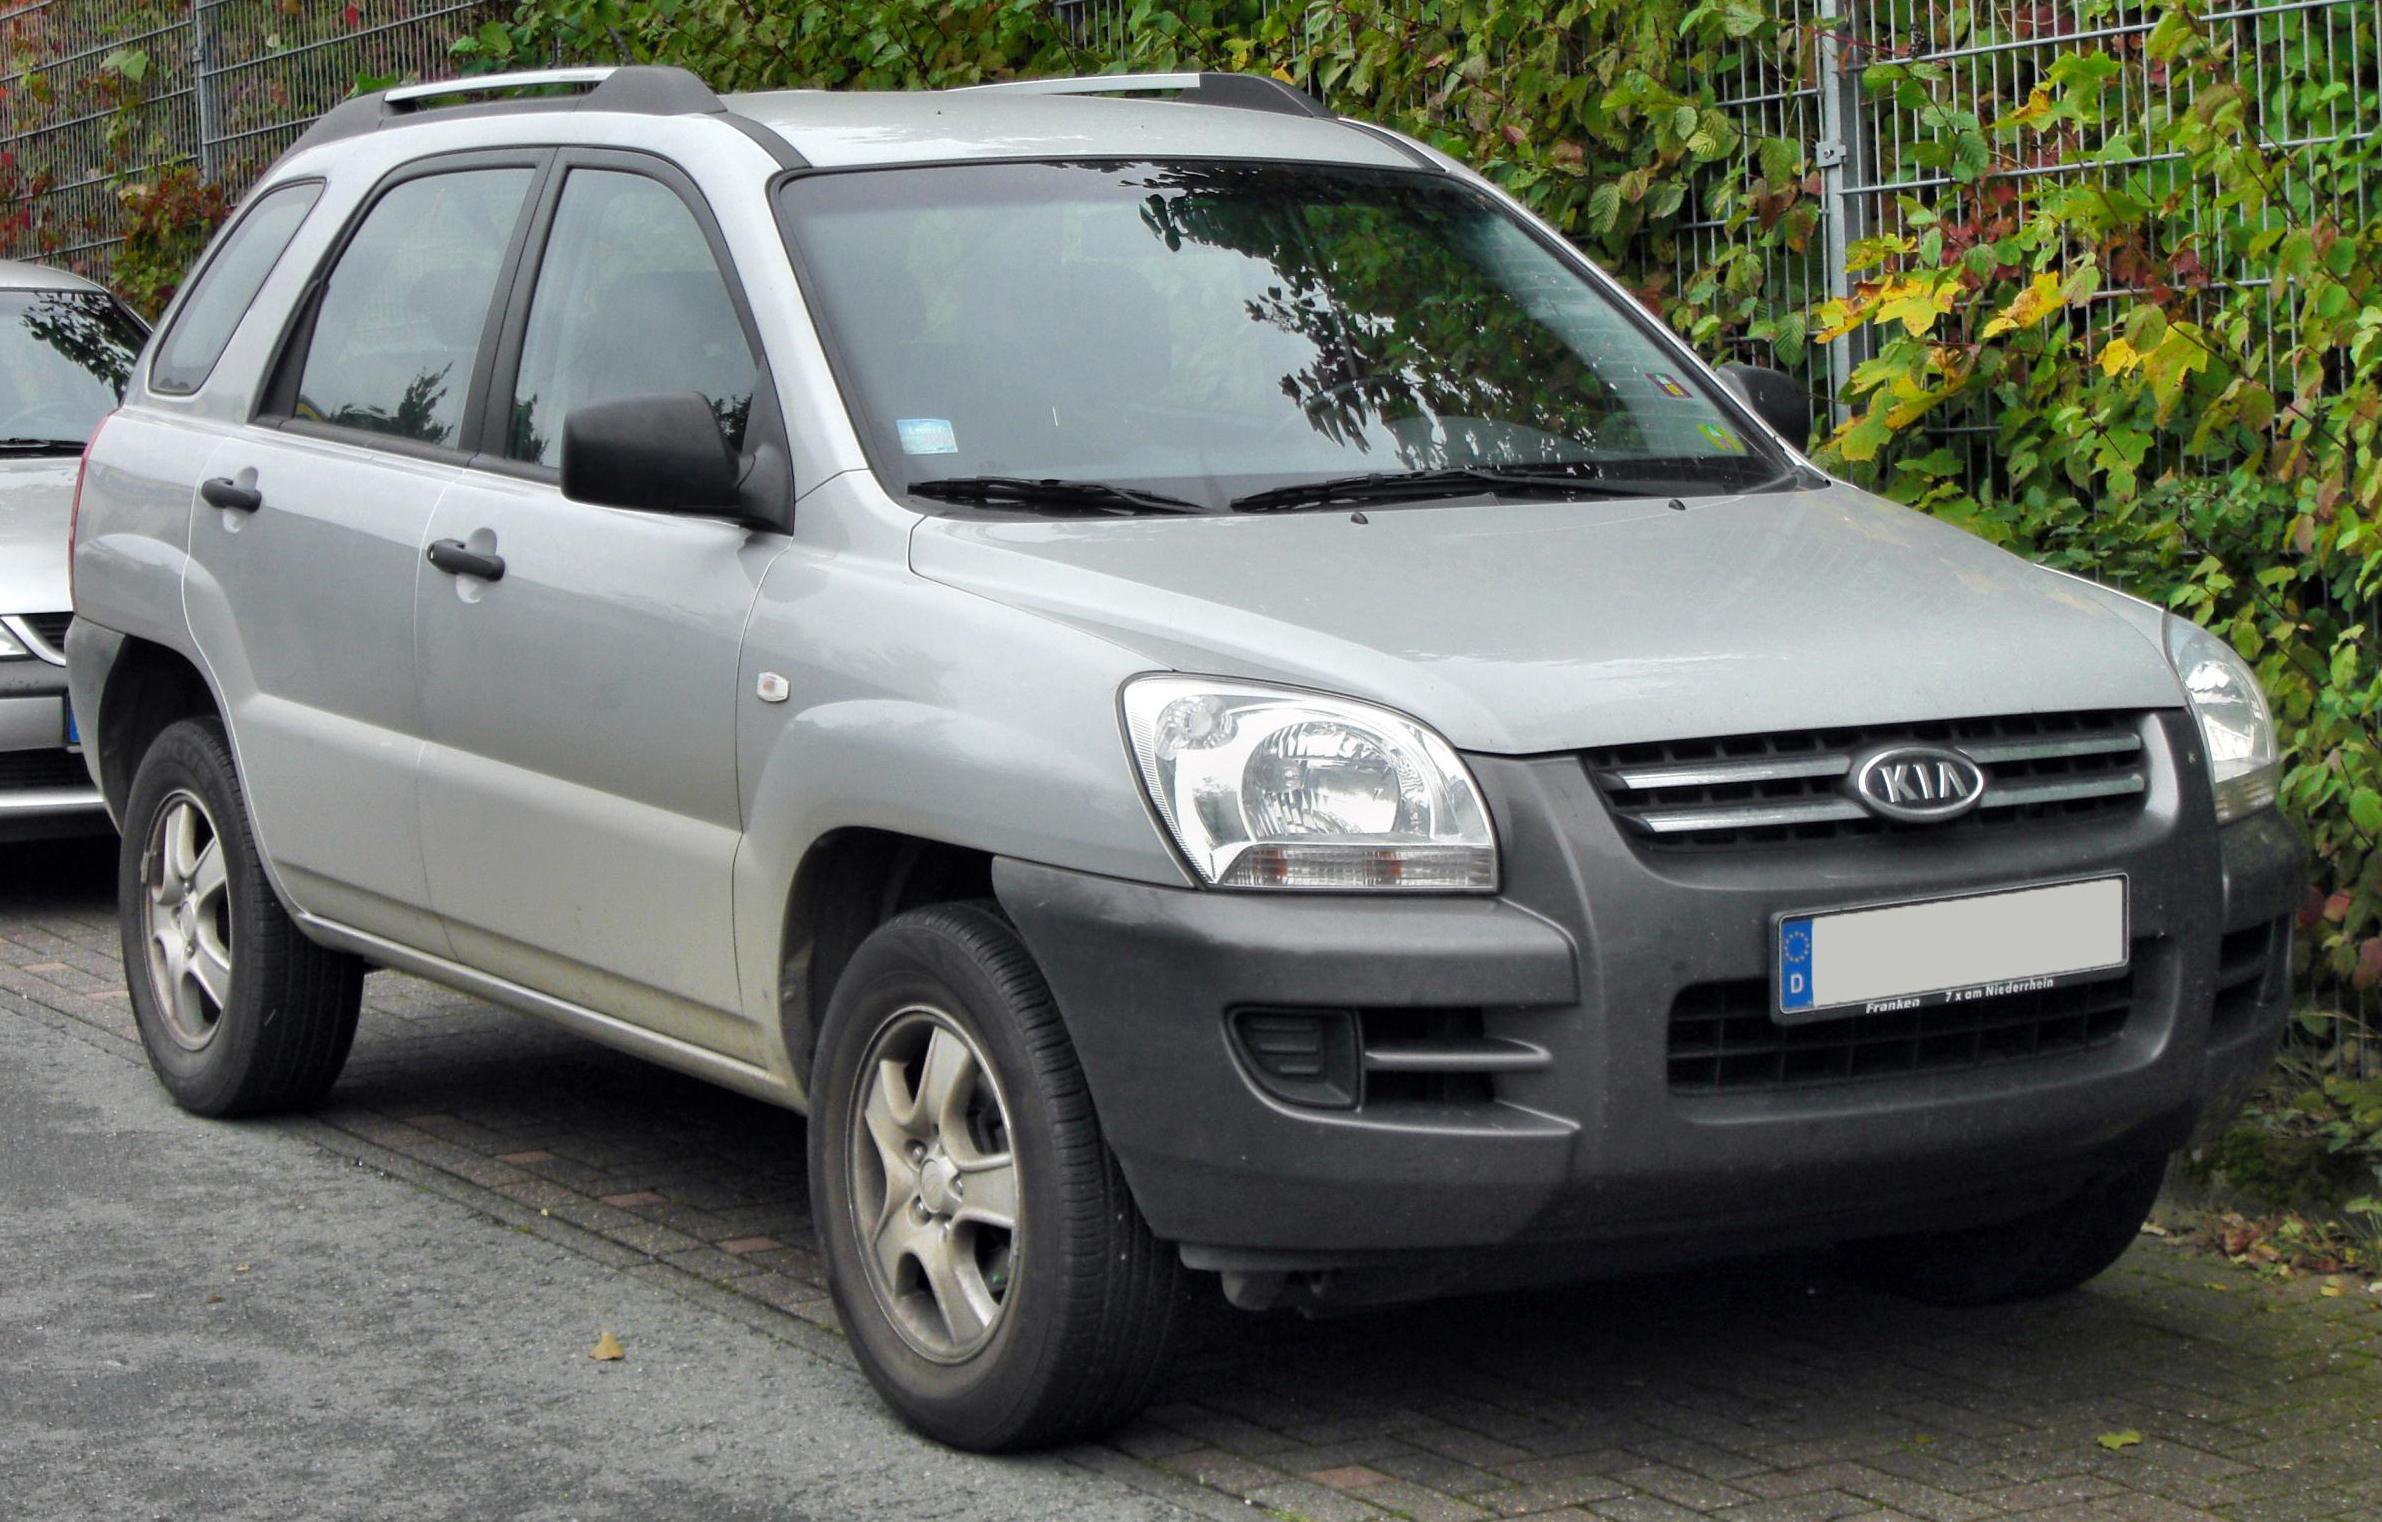 Kia Sportage I 1993 - 2006 SUV #1